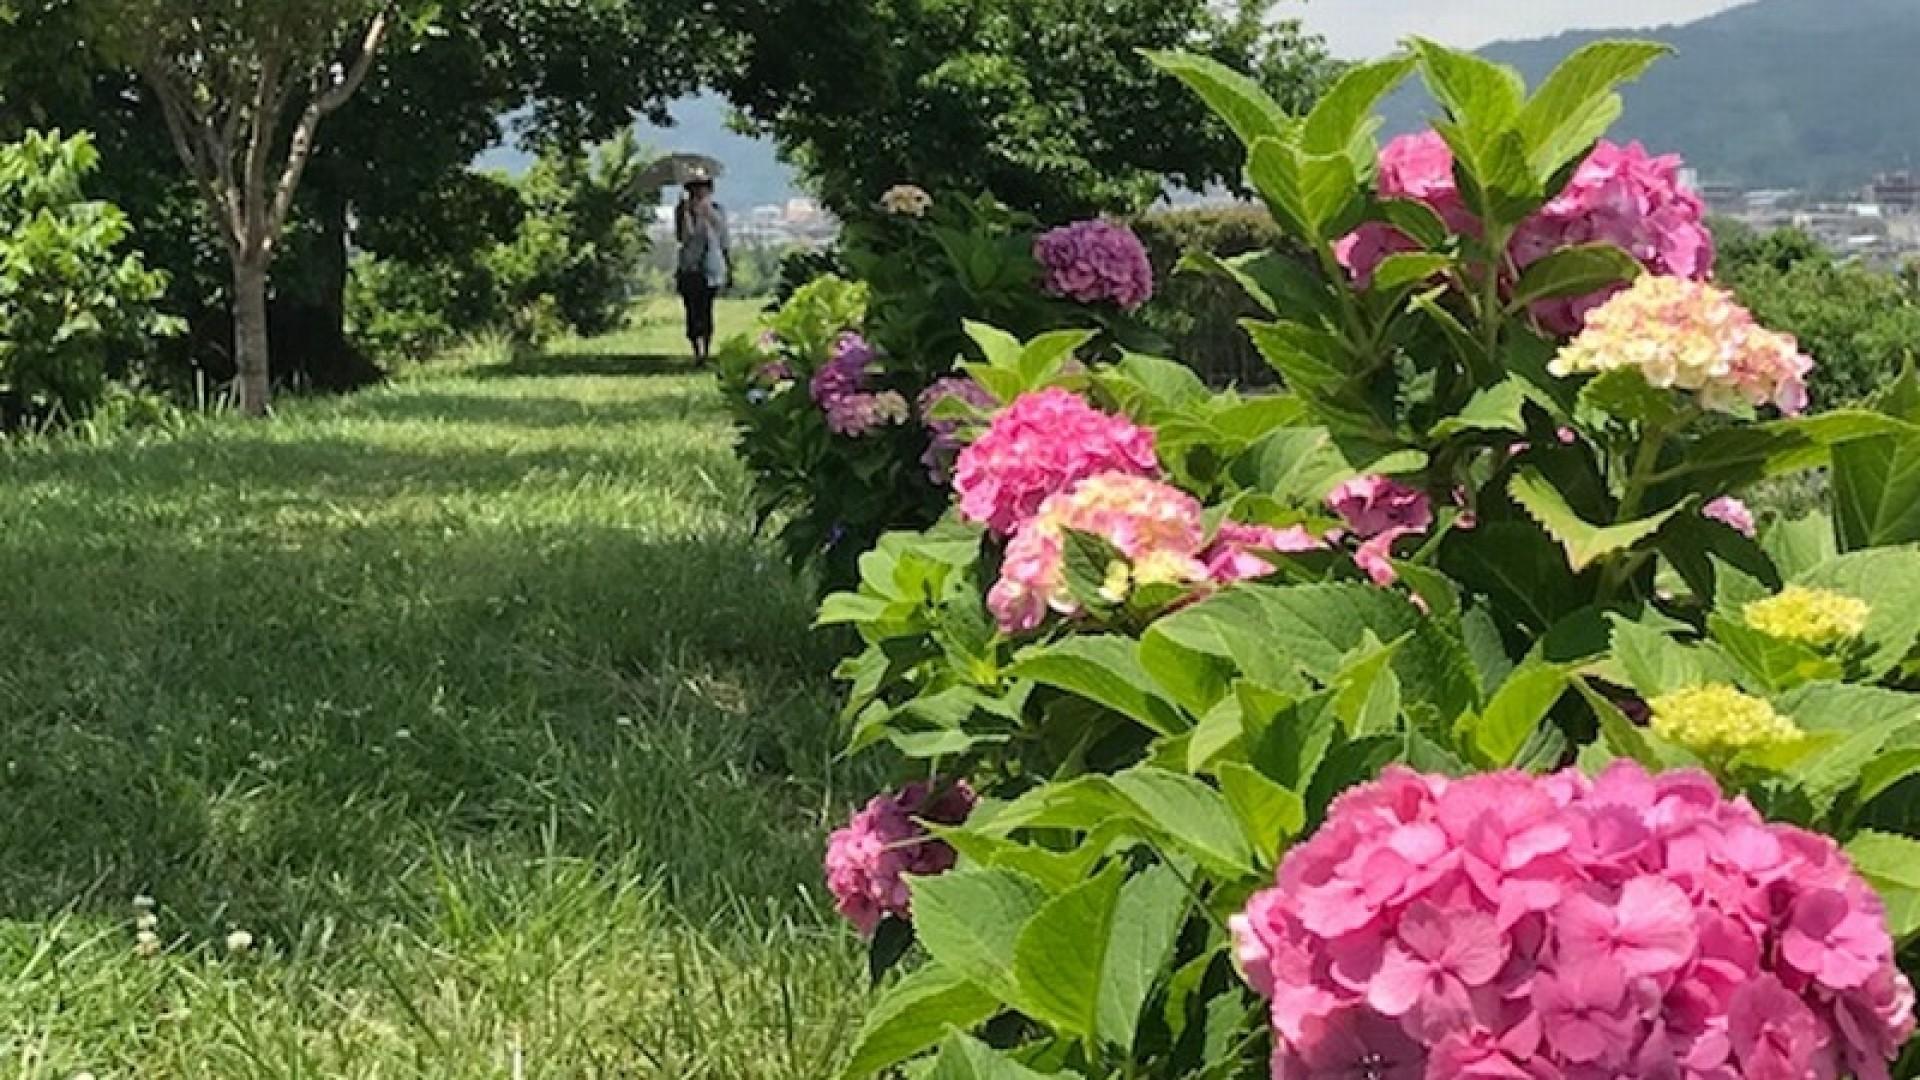 鹤卷绣球花散步小道